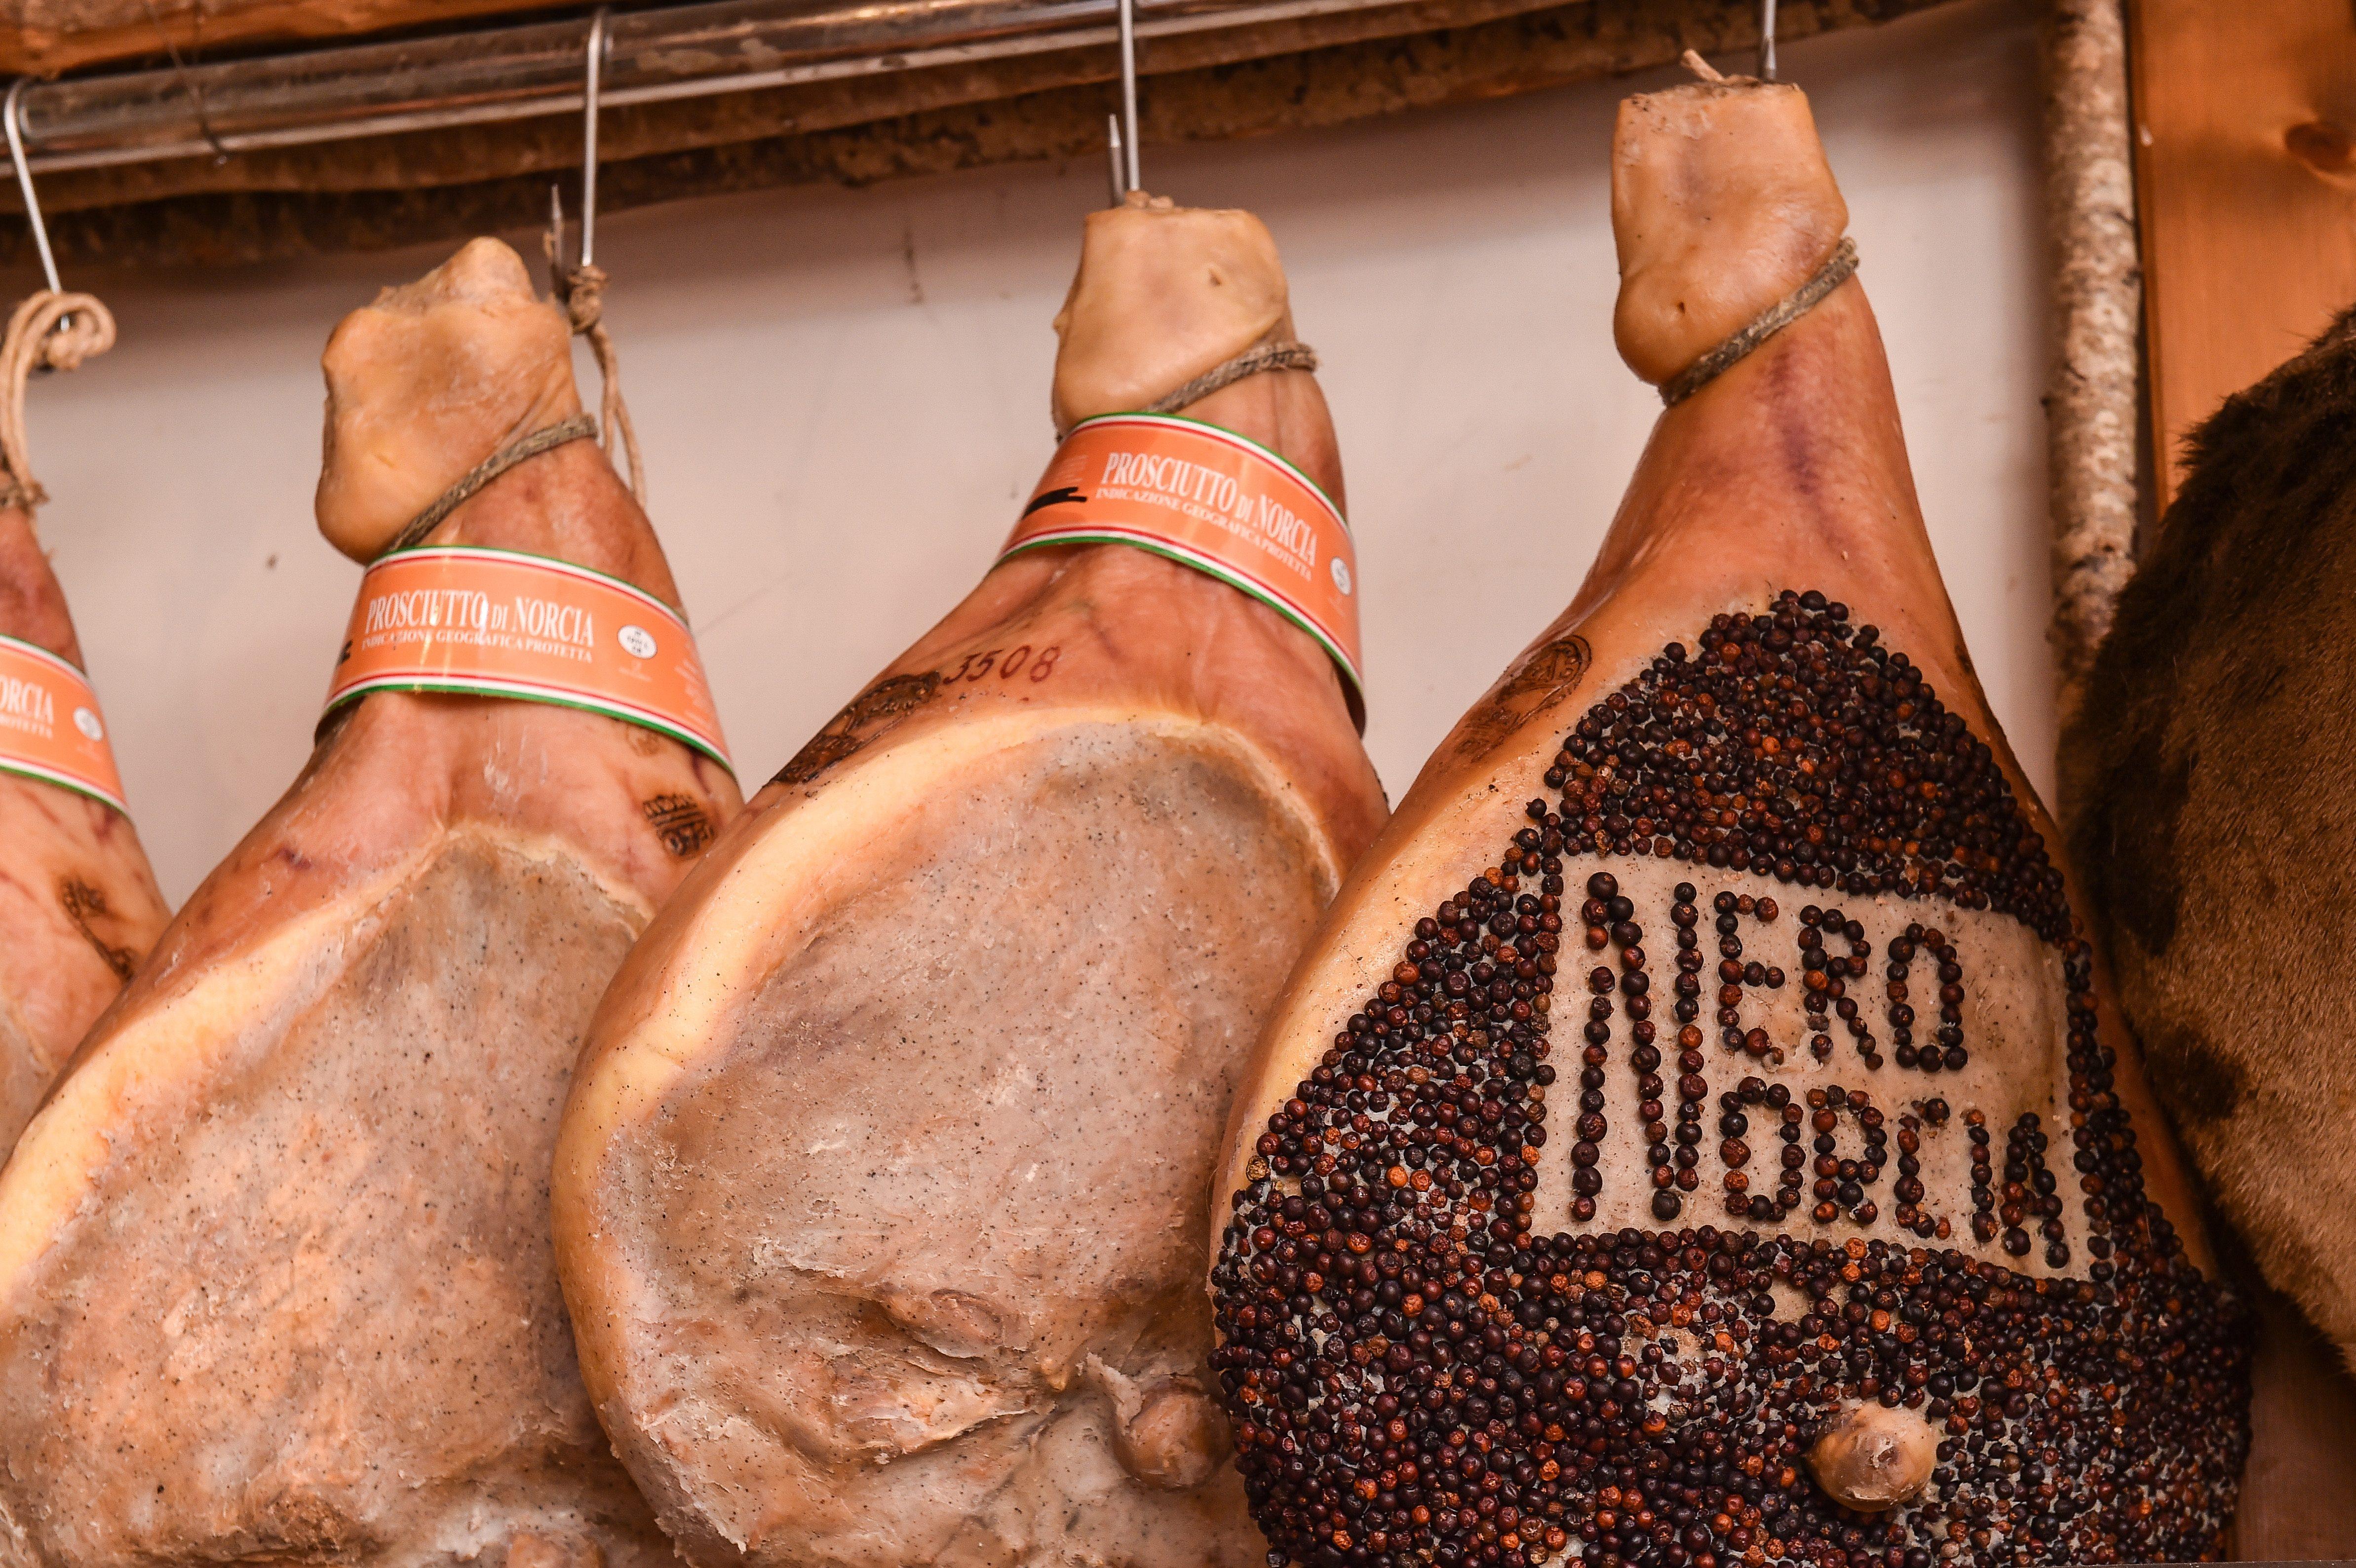 Il norcino e la norcineria: alla scoperta del culto del maiale in Umbria